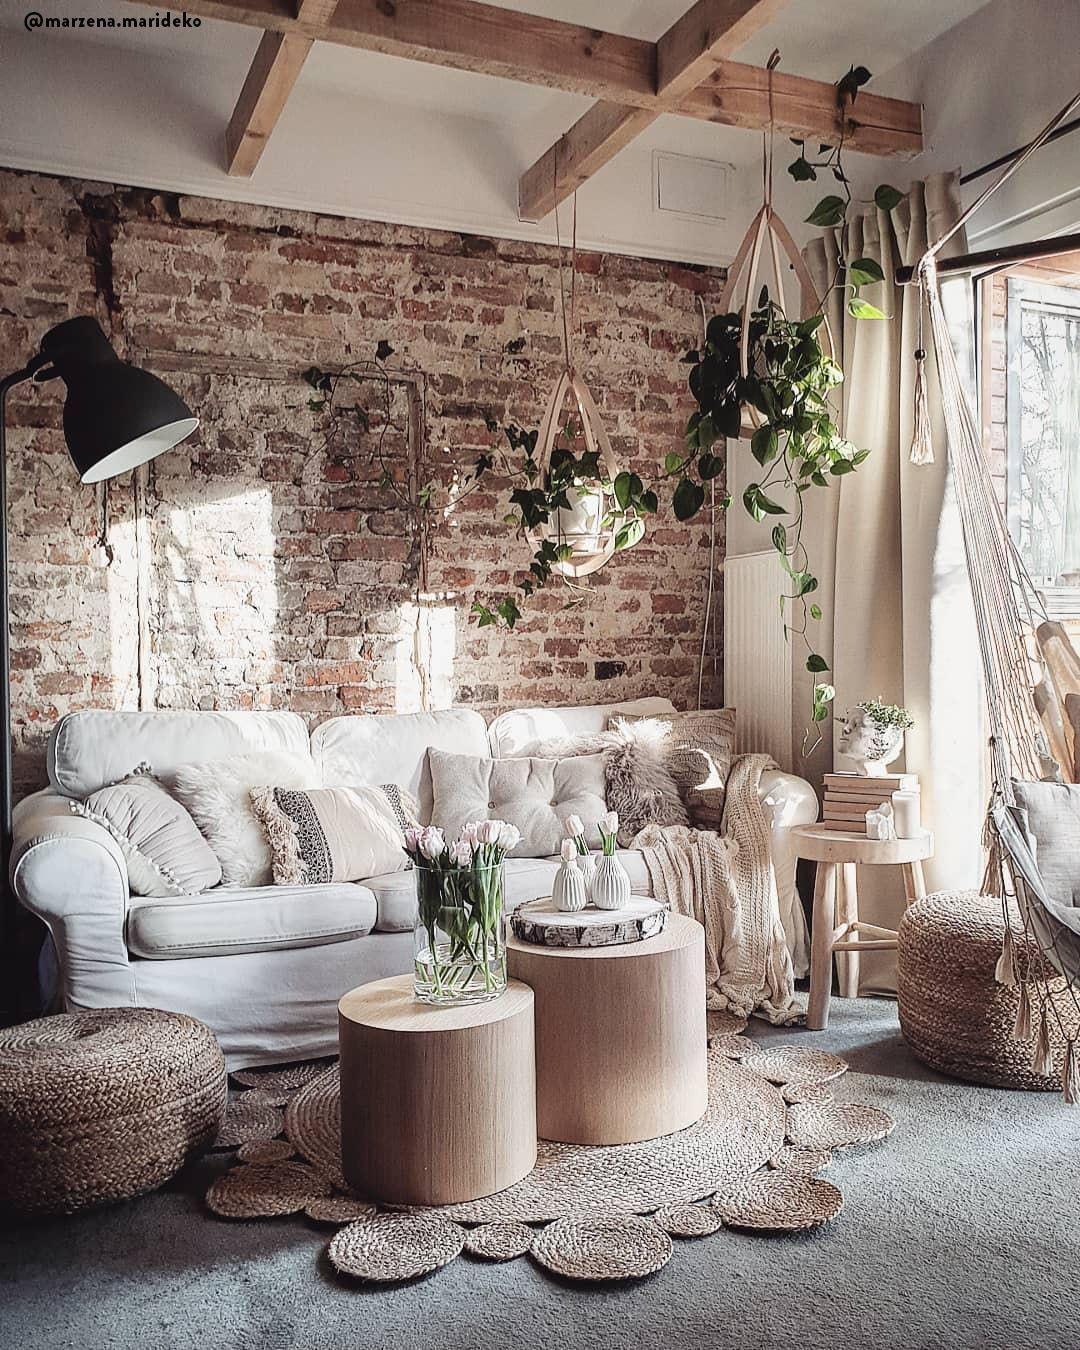 Un salotto country cozy il centro del salotto for Arredamento tumblr